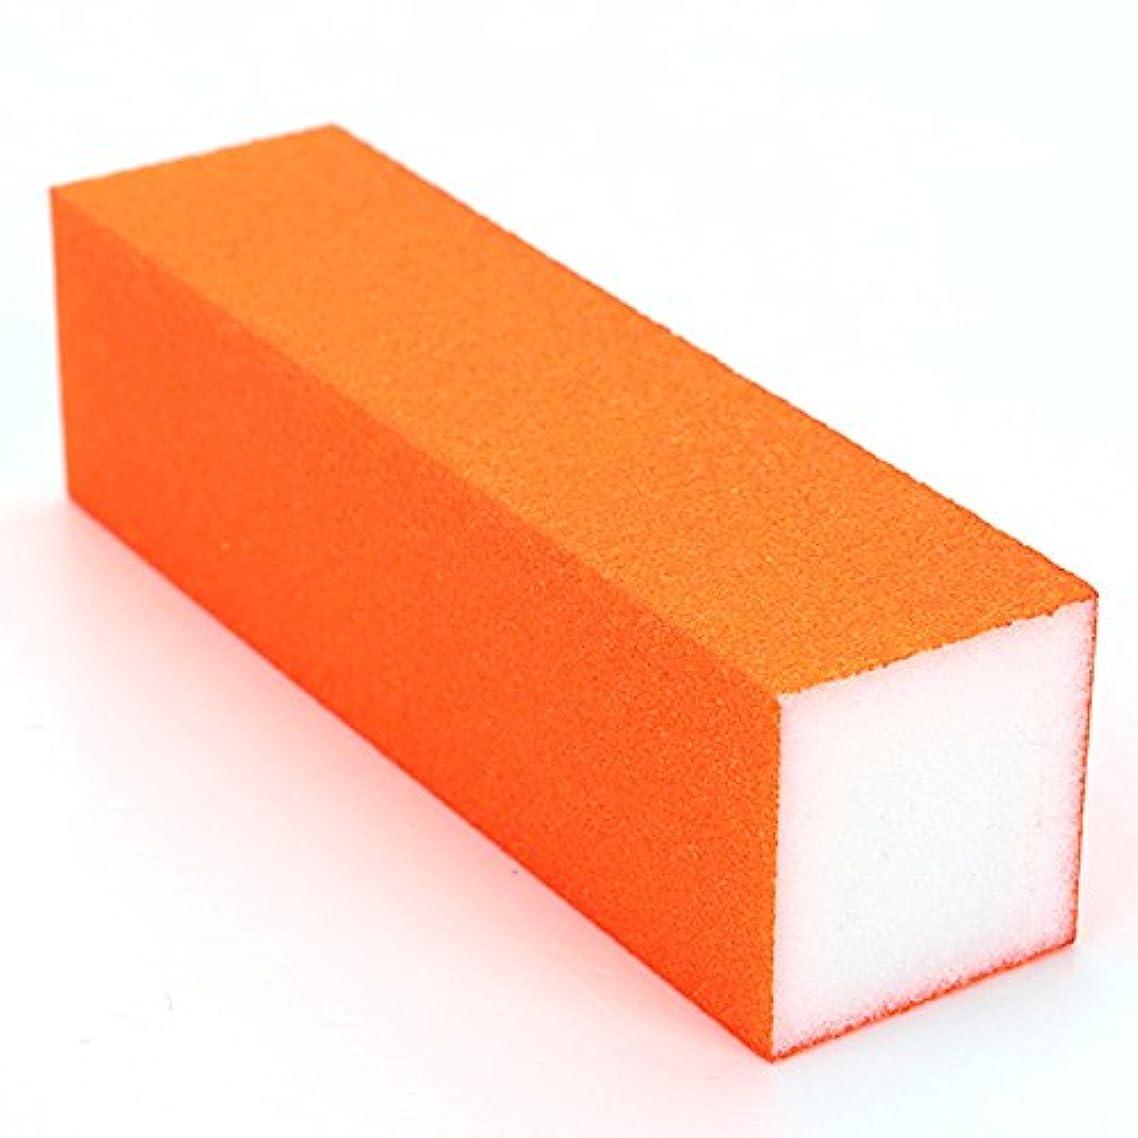 バストパパ種BeKitty 5本の蛍光色バフ研磨サンドネイルファイルブロックマニキュアツール